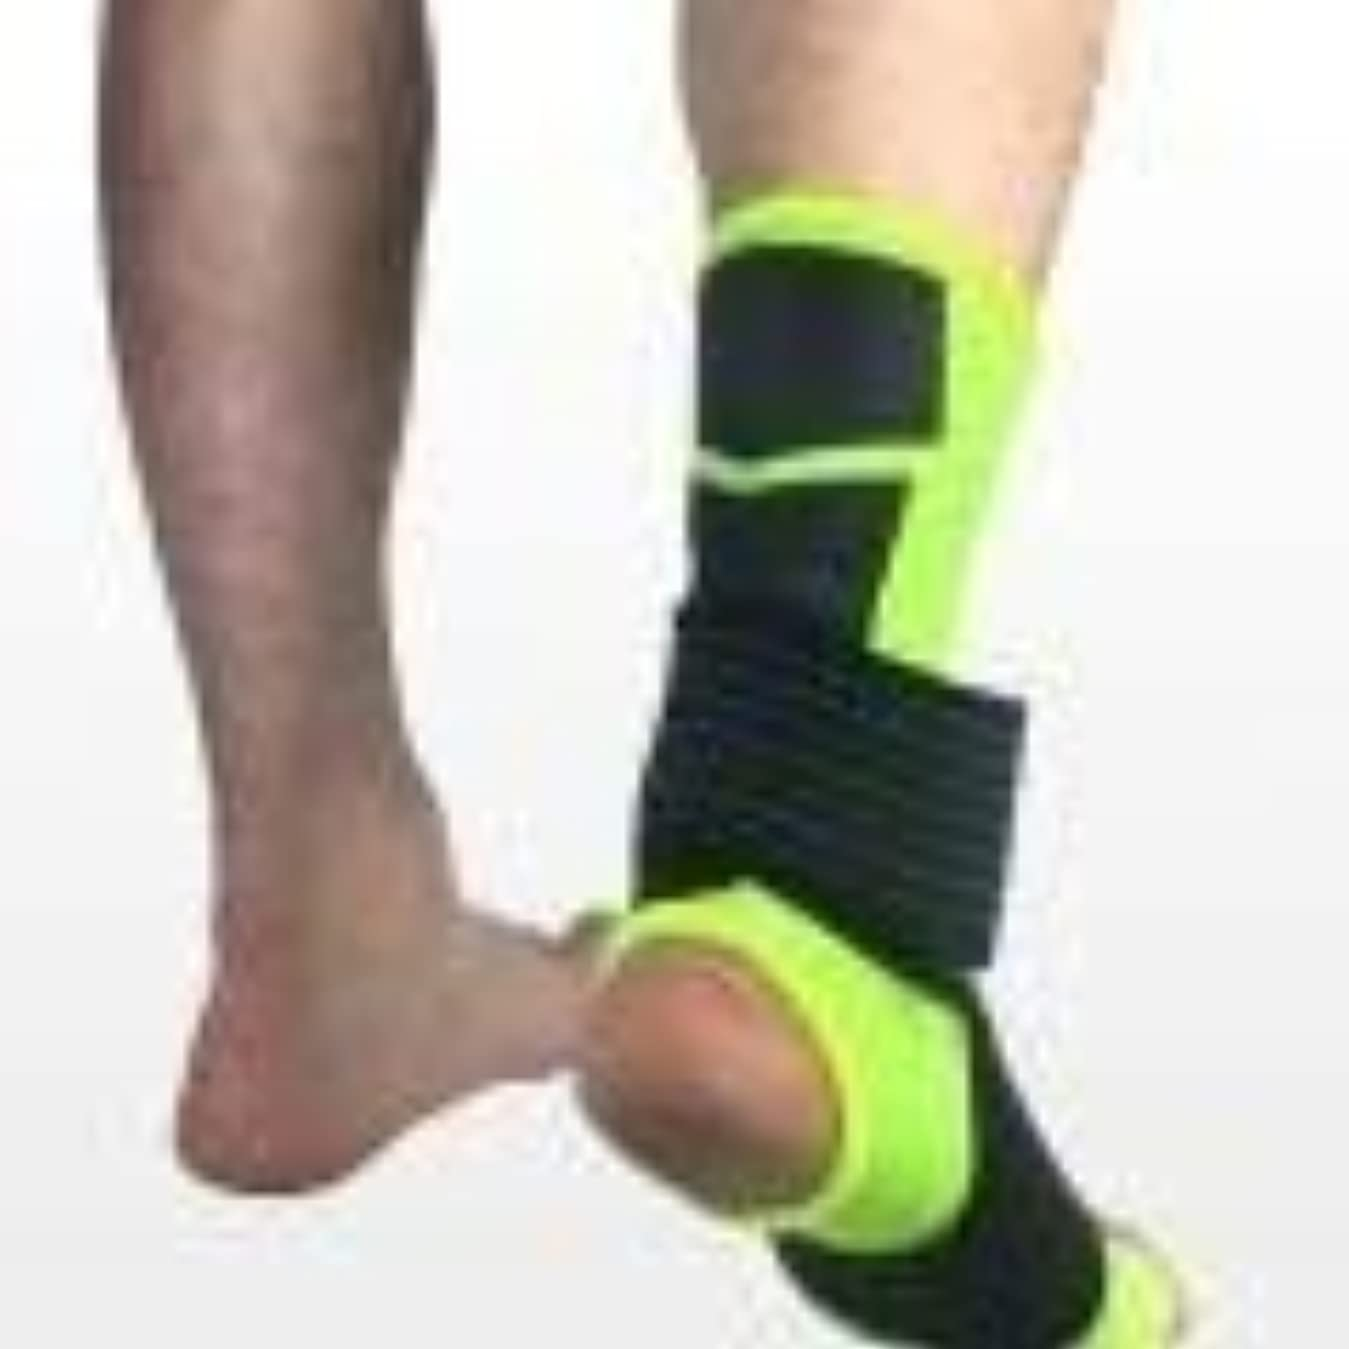 覚えている赤ちゃん連邦スポーツ足首装具圧縮サポートスリーブw/無料足首ストラップアキレス腱サポート、靭帯損傷の足首サポート (Color : B, Size : S)